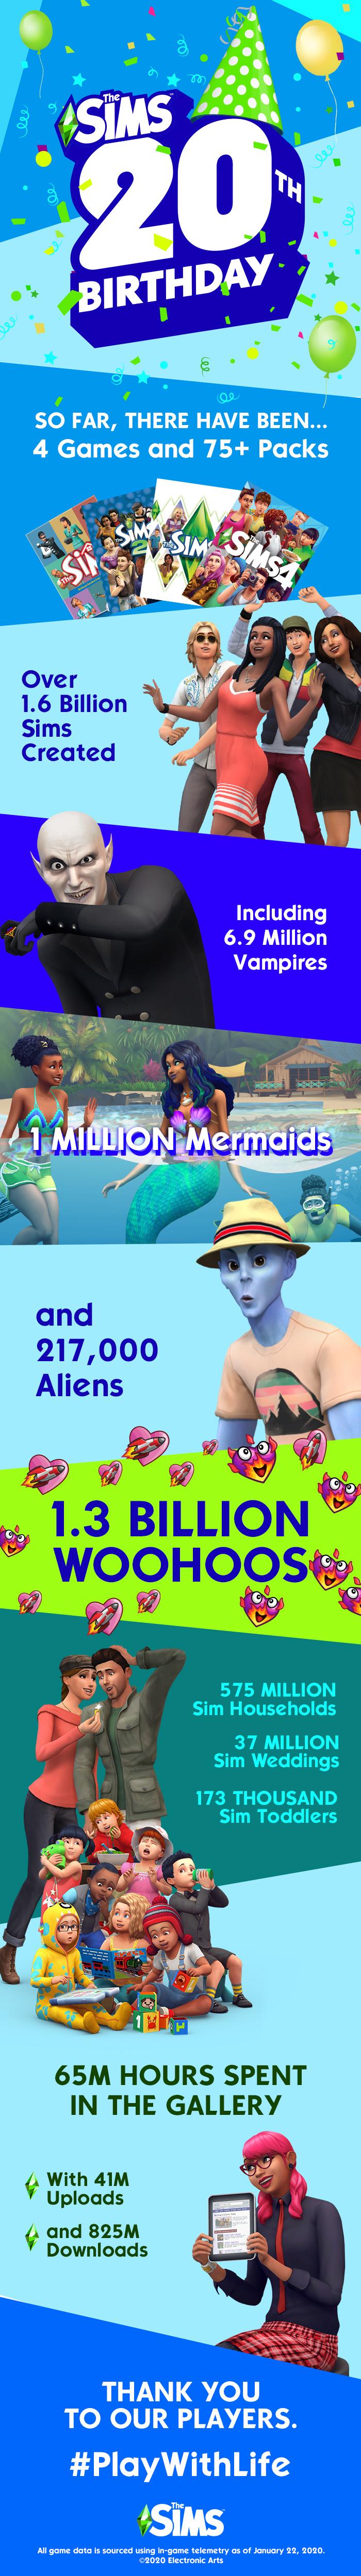 Les Sims : Une infographie pour célébrer les 20 ans de la licence